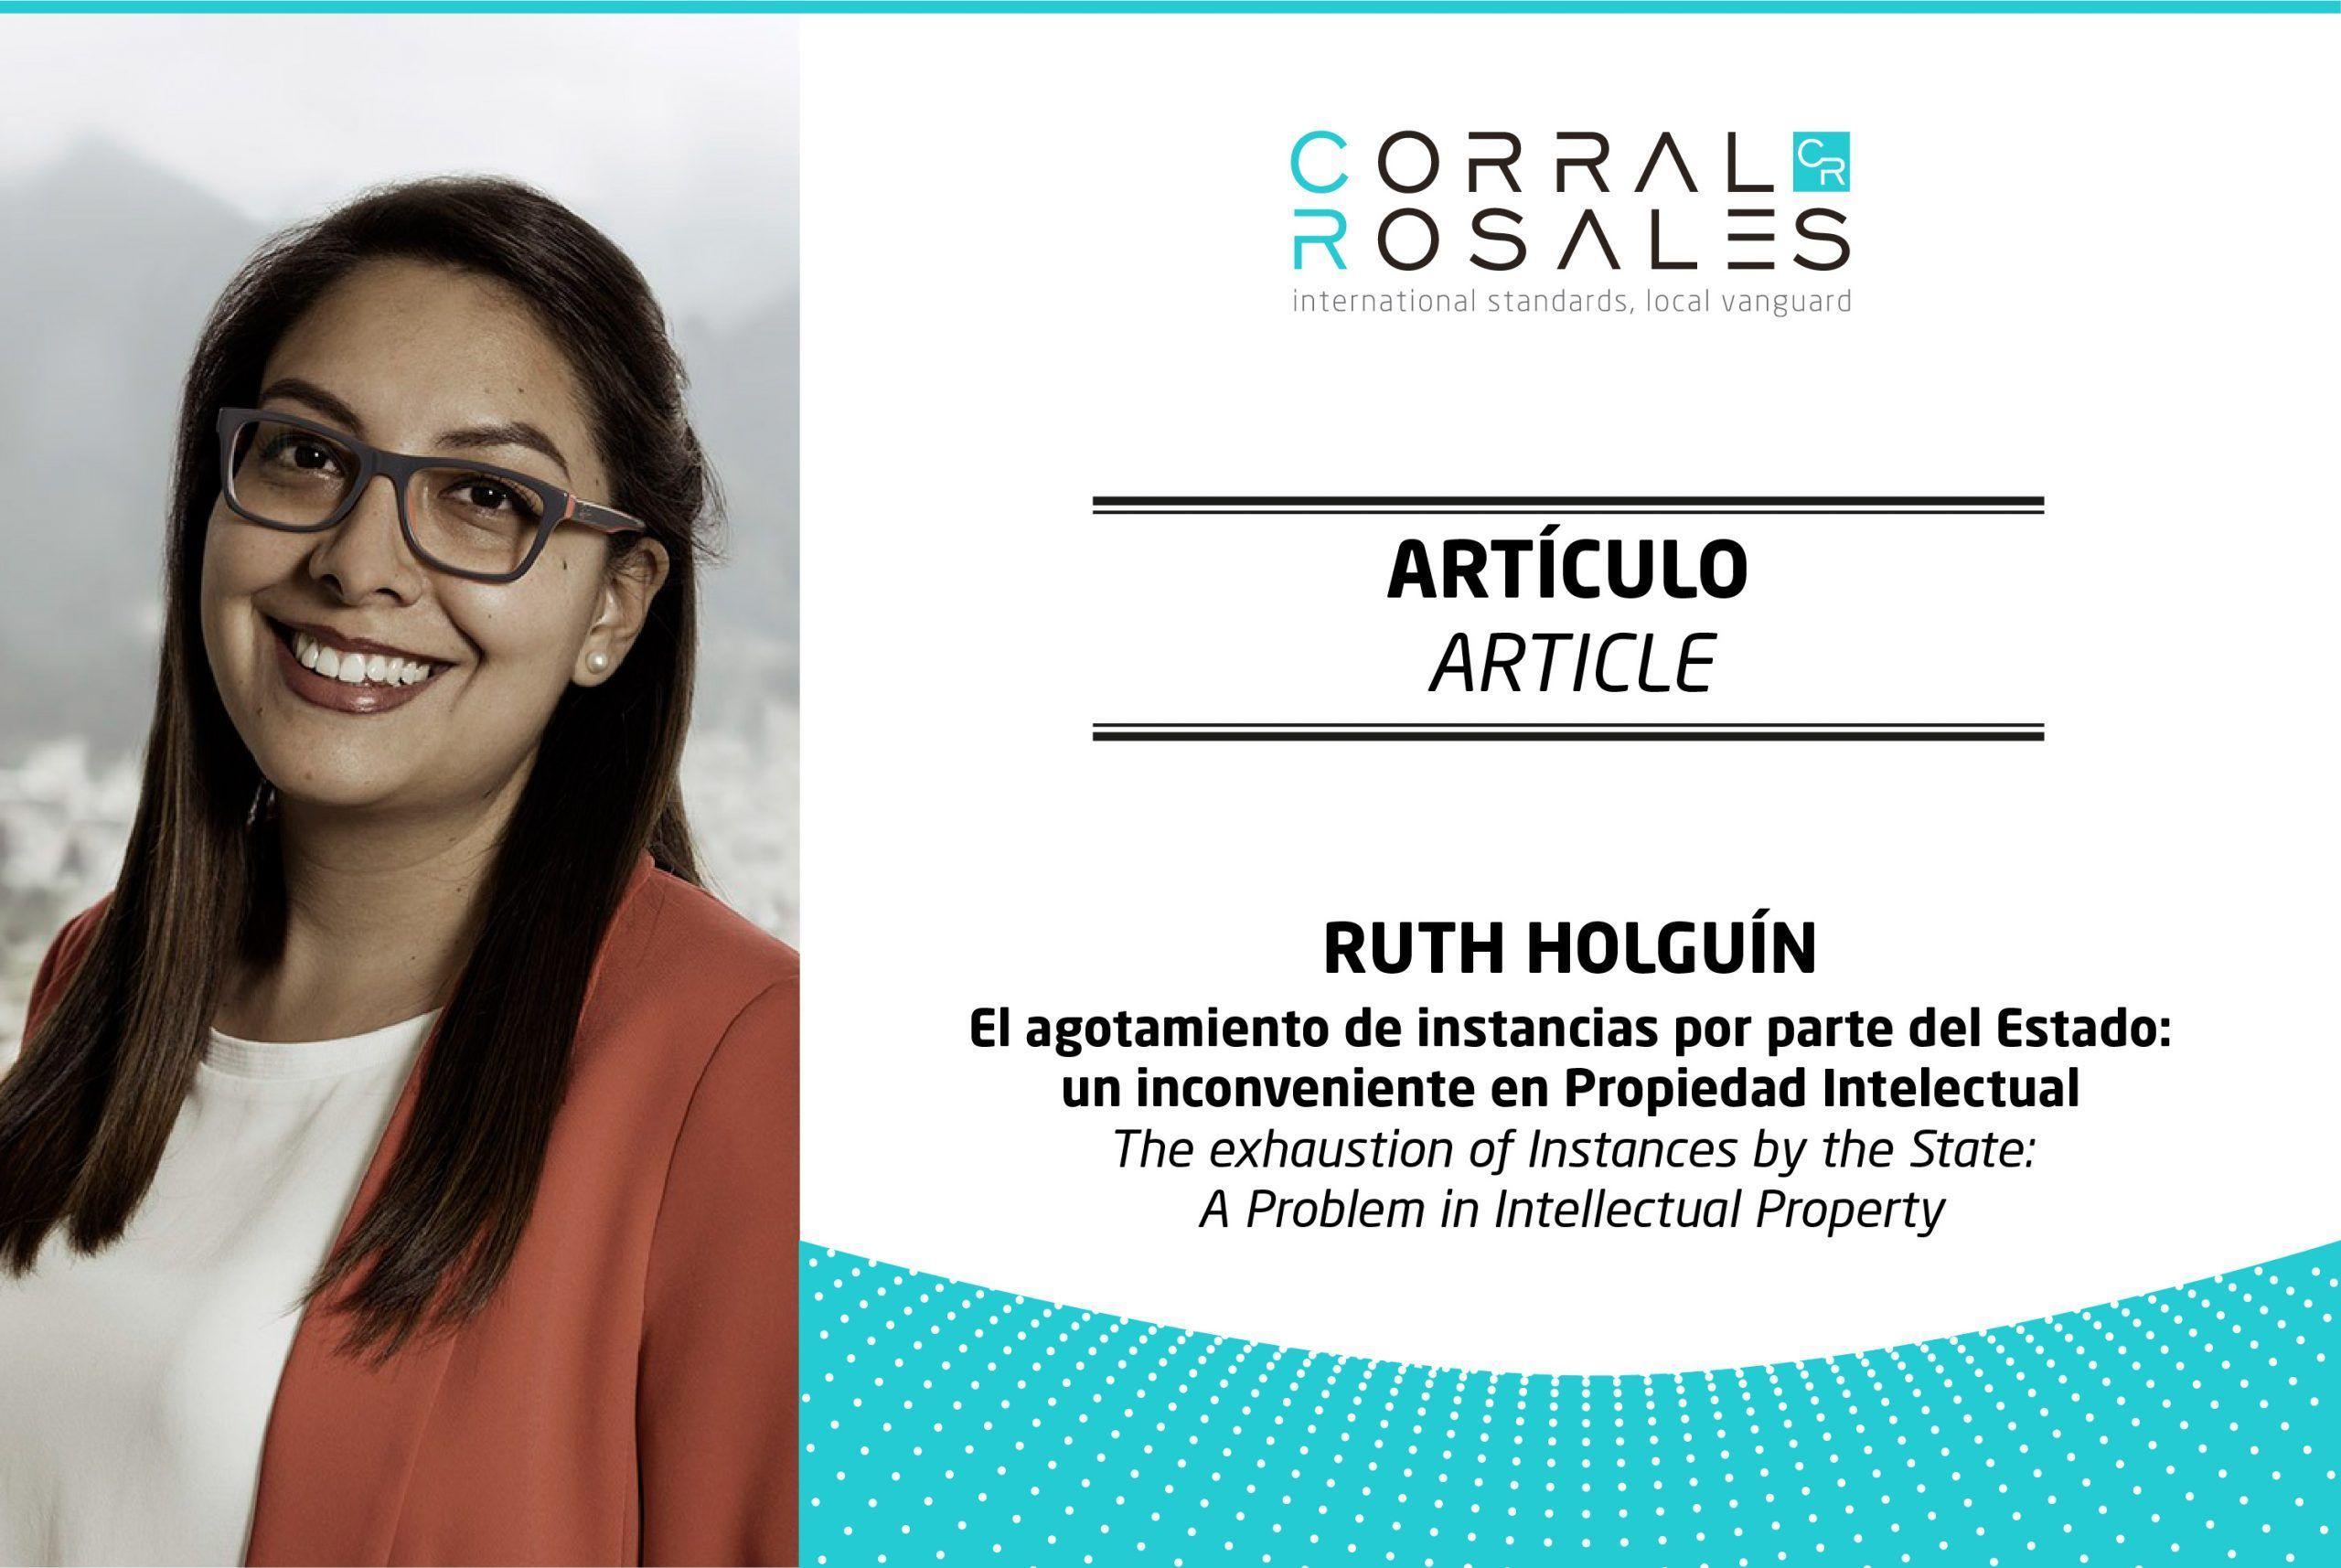 agotamiento-de-instancias-propiedad-intelectual-ruth-holguin-abogados-ecuador-01